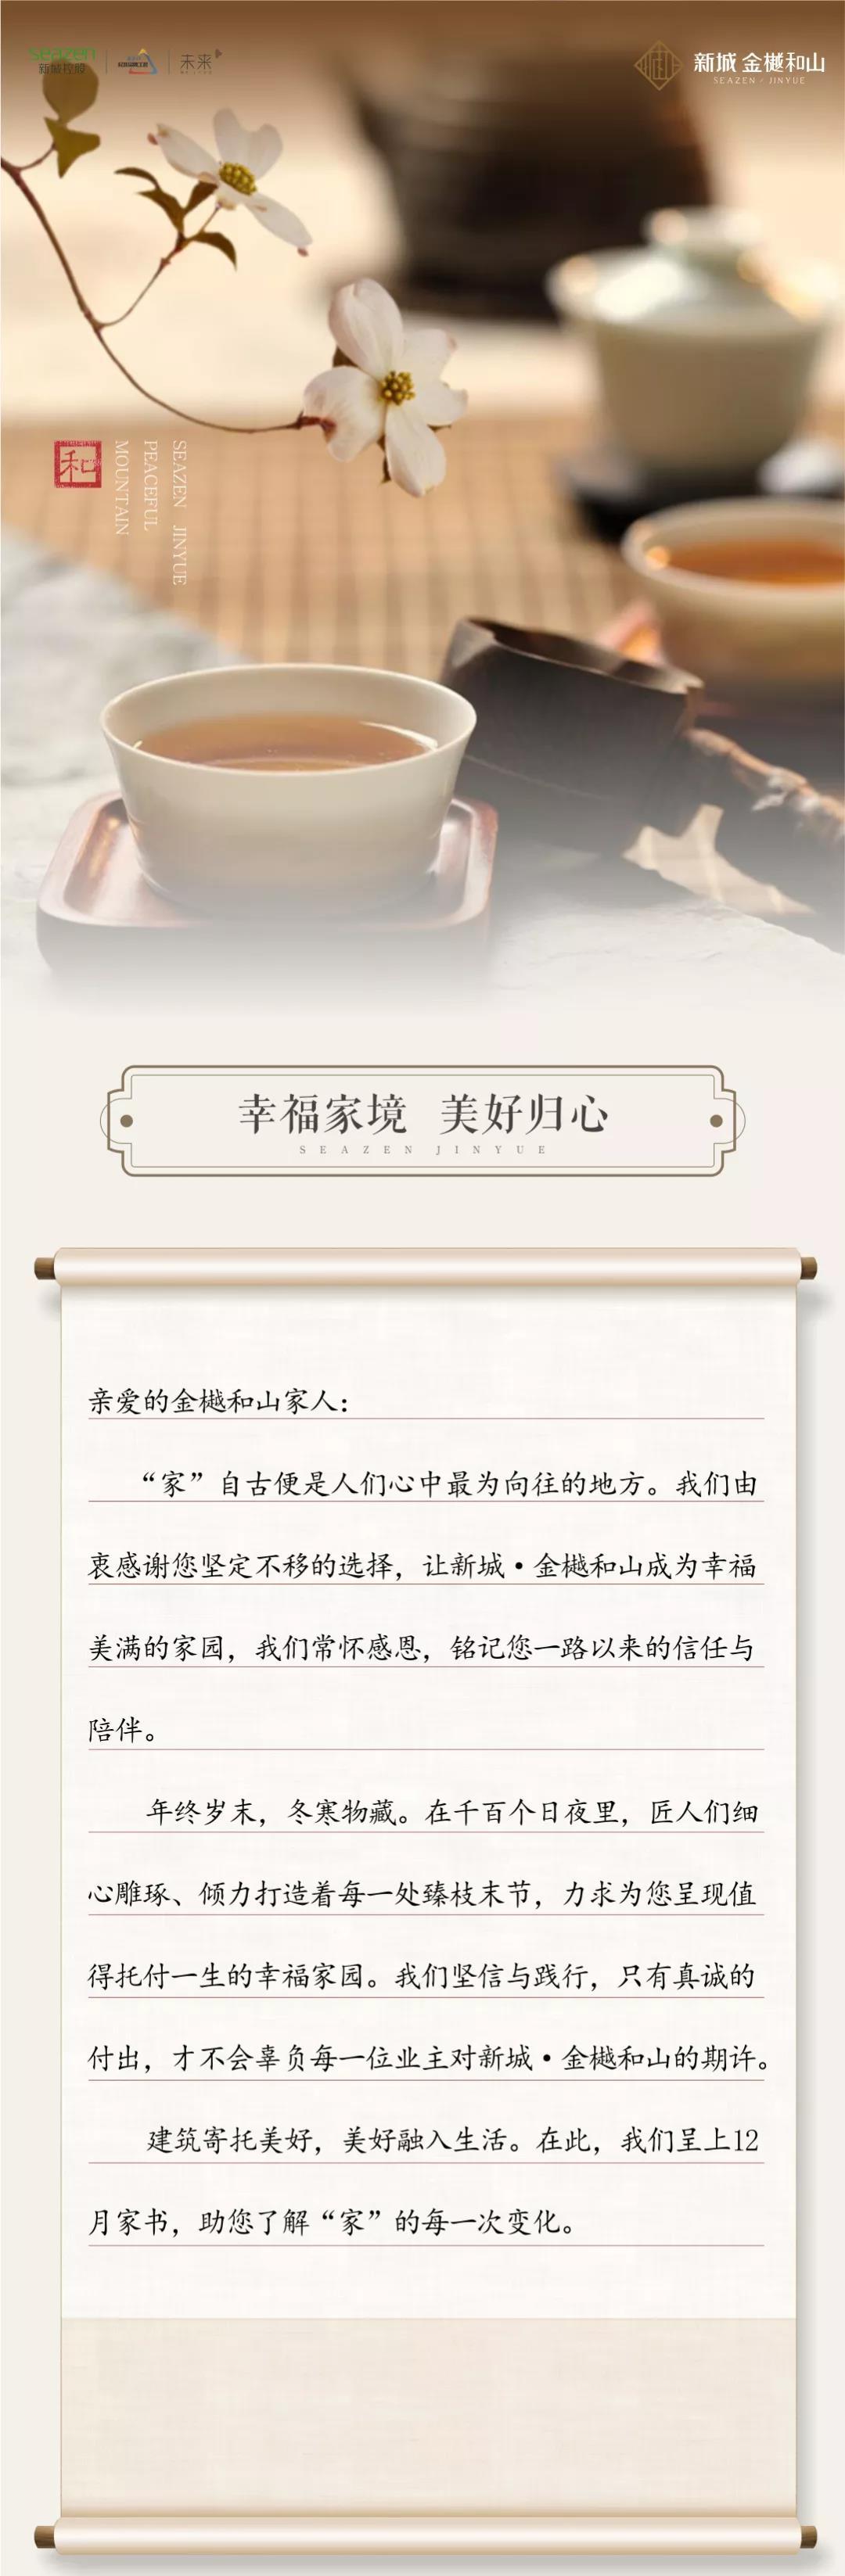 新城·金樾和山:见信如面 感谢您陪伴成长-中国网地产